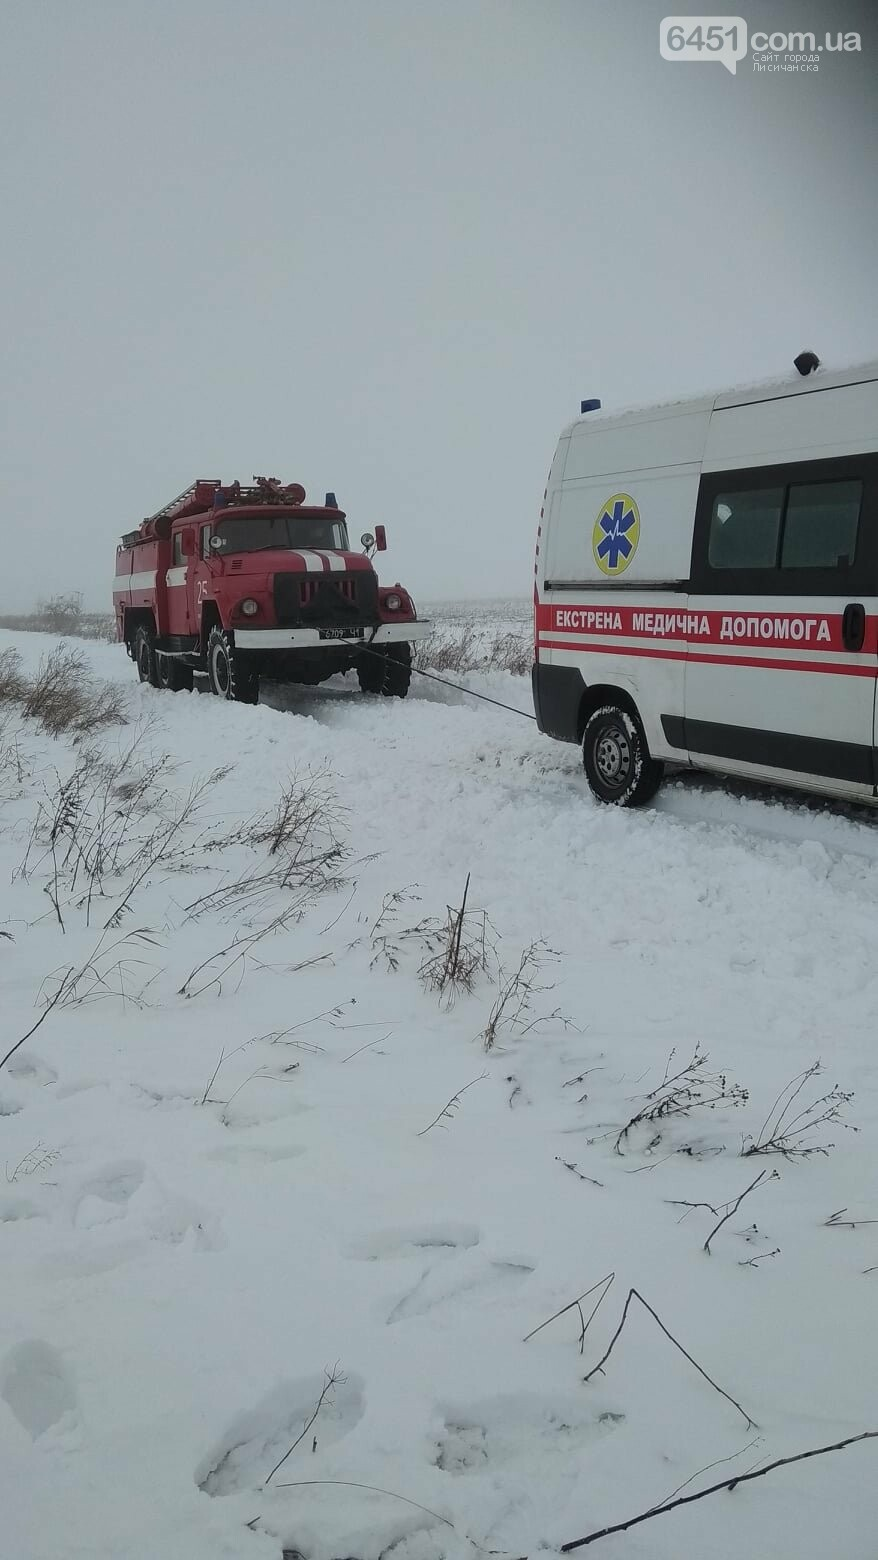 В Новоайдарском районе спасатели вытаскивали застрявшую в снегу скорую помощь, фото-1